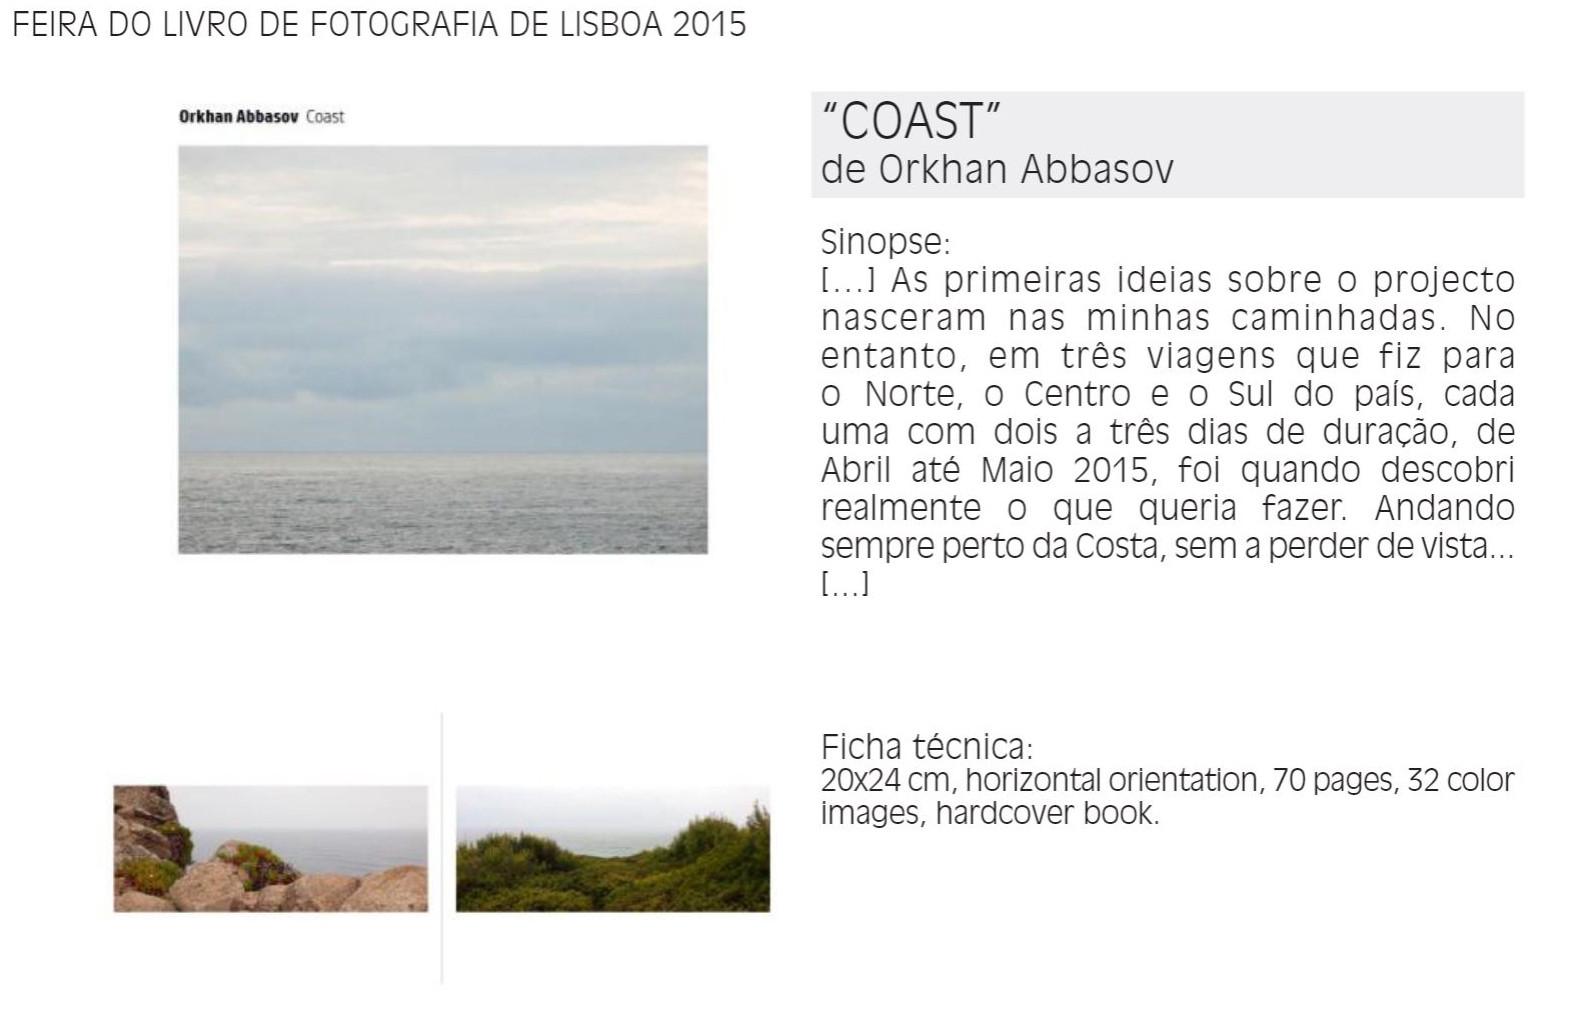 COAST - Lisbon Book Fair